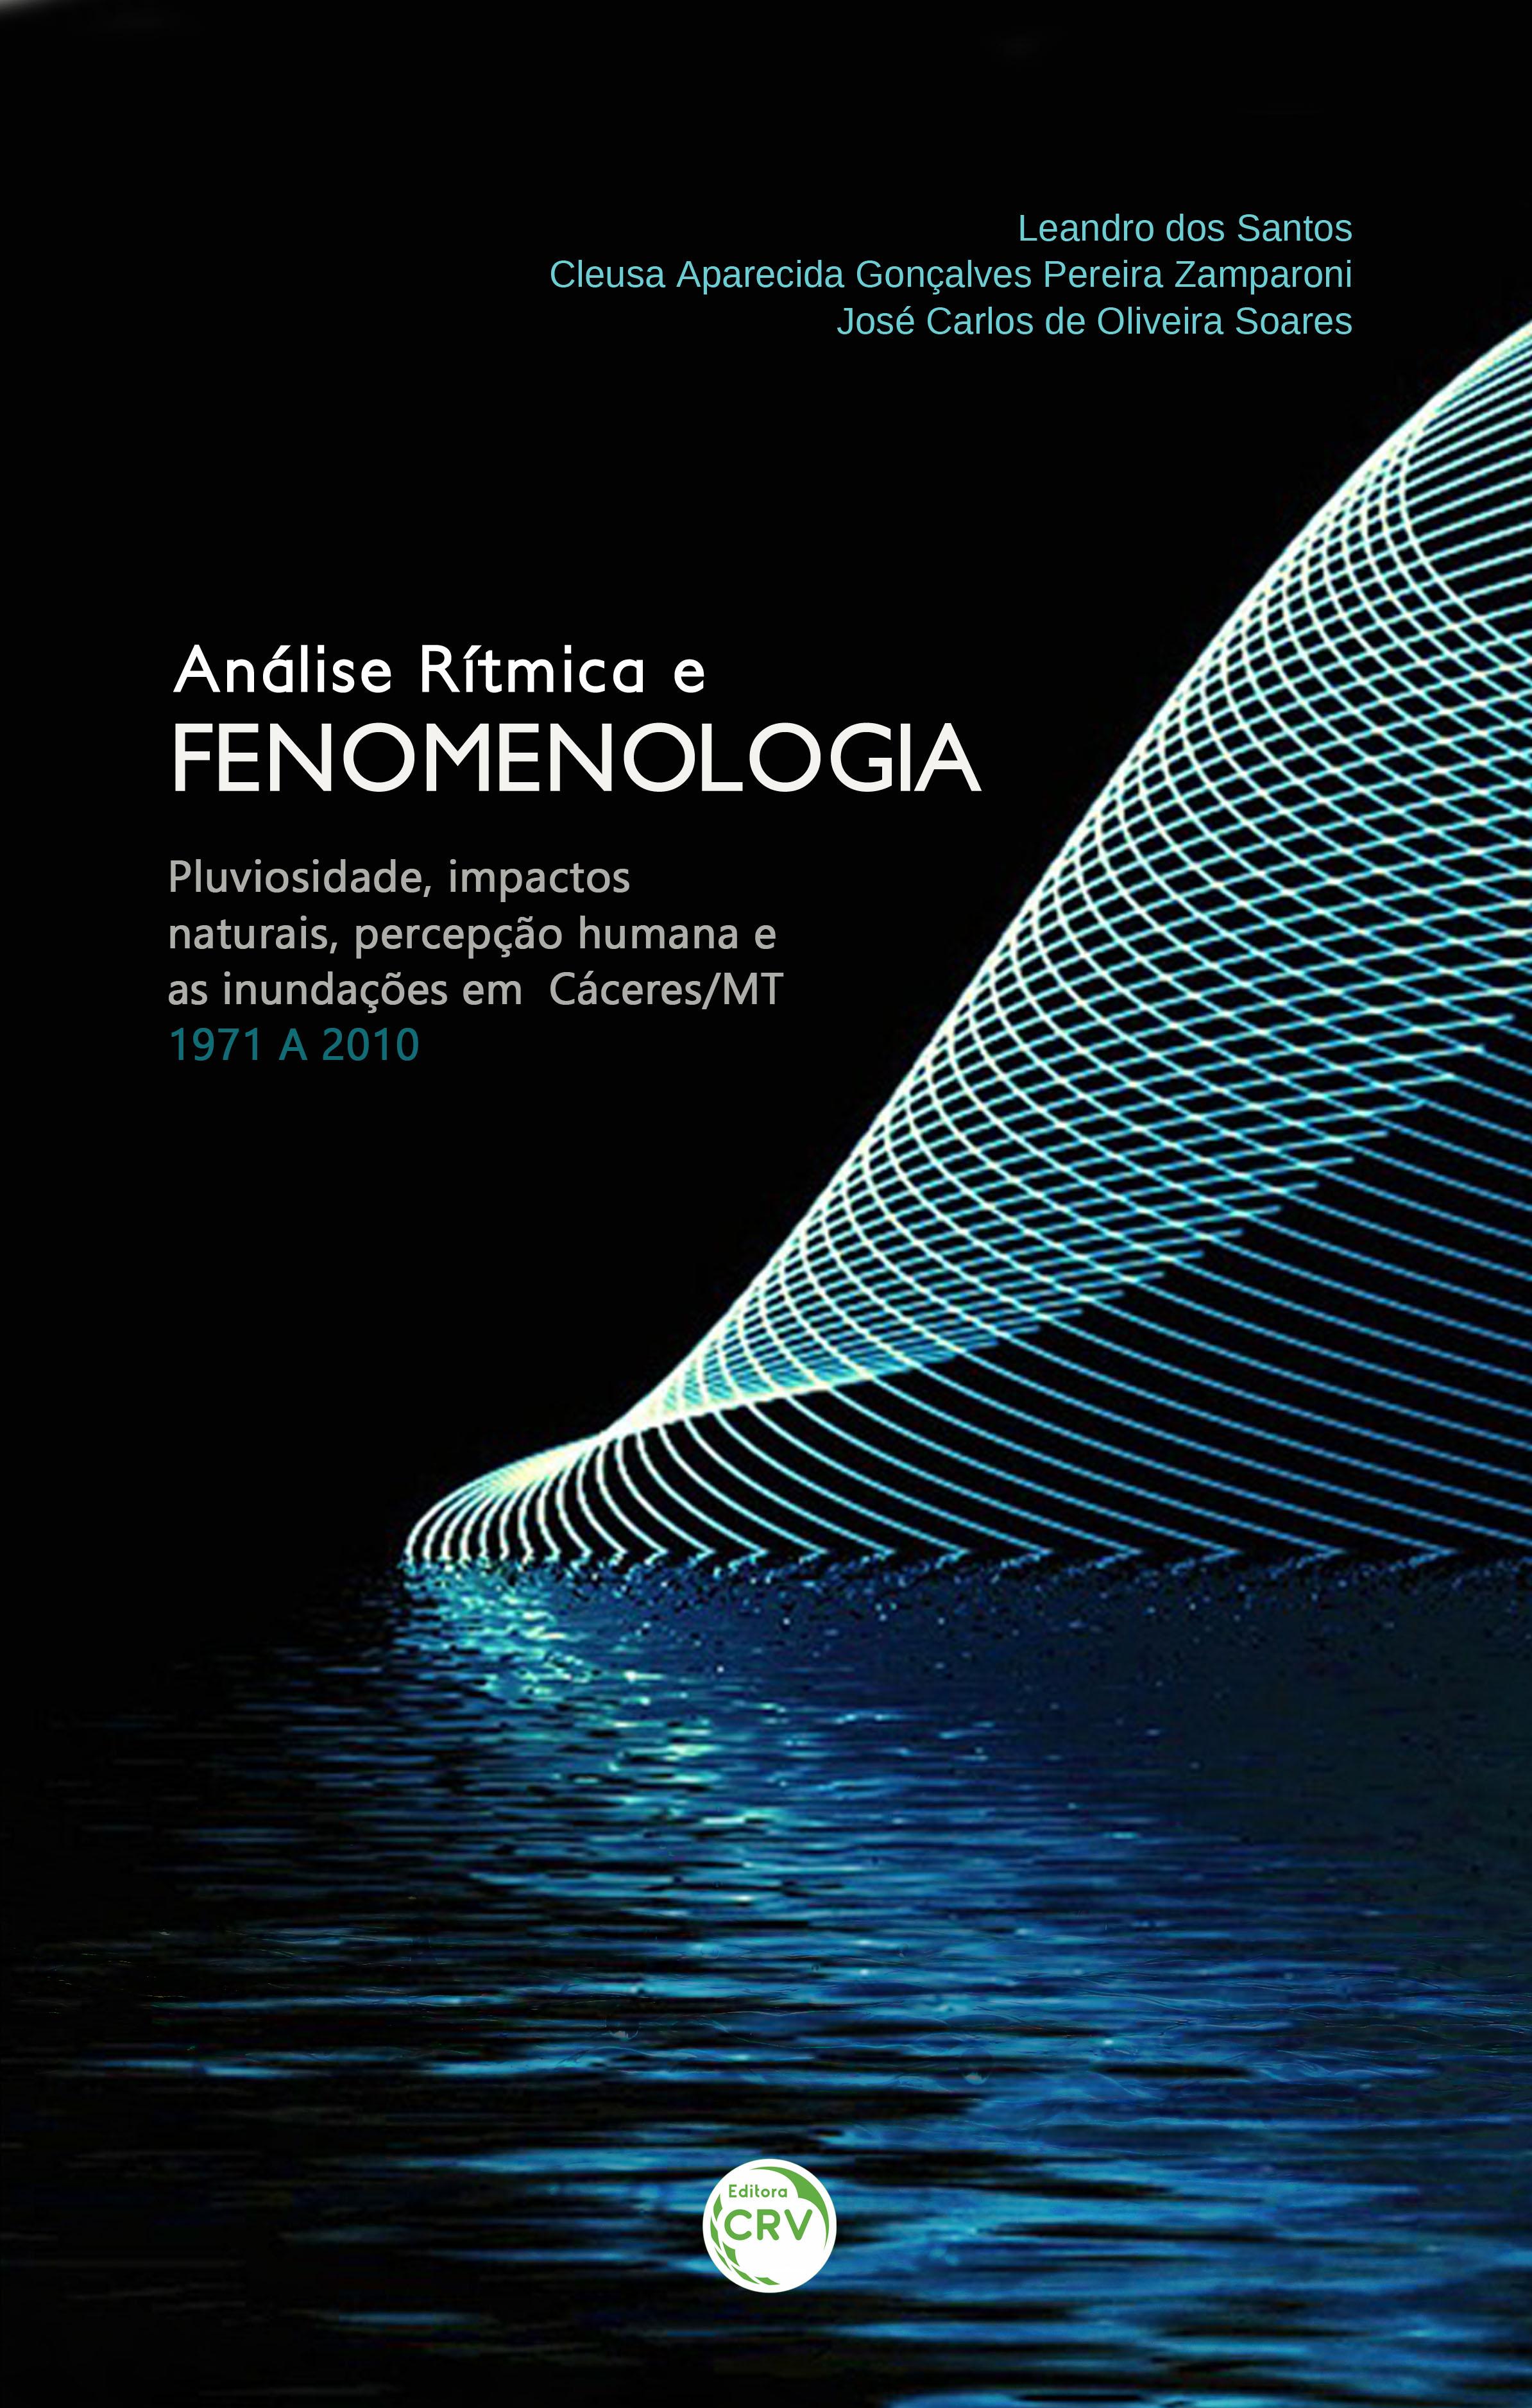 ANÁLISE RÍTMICA E FENOMENOLOGIA:<br> pluviosidade, impactos naturais, percepção humana e as inundações em Cáceres/MT – 1971 a 2010